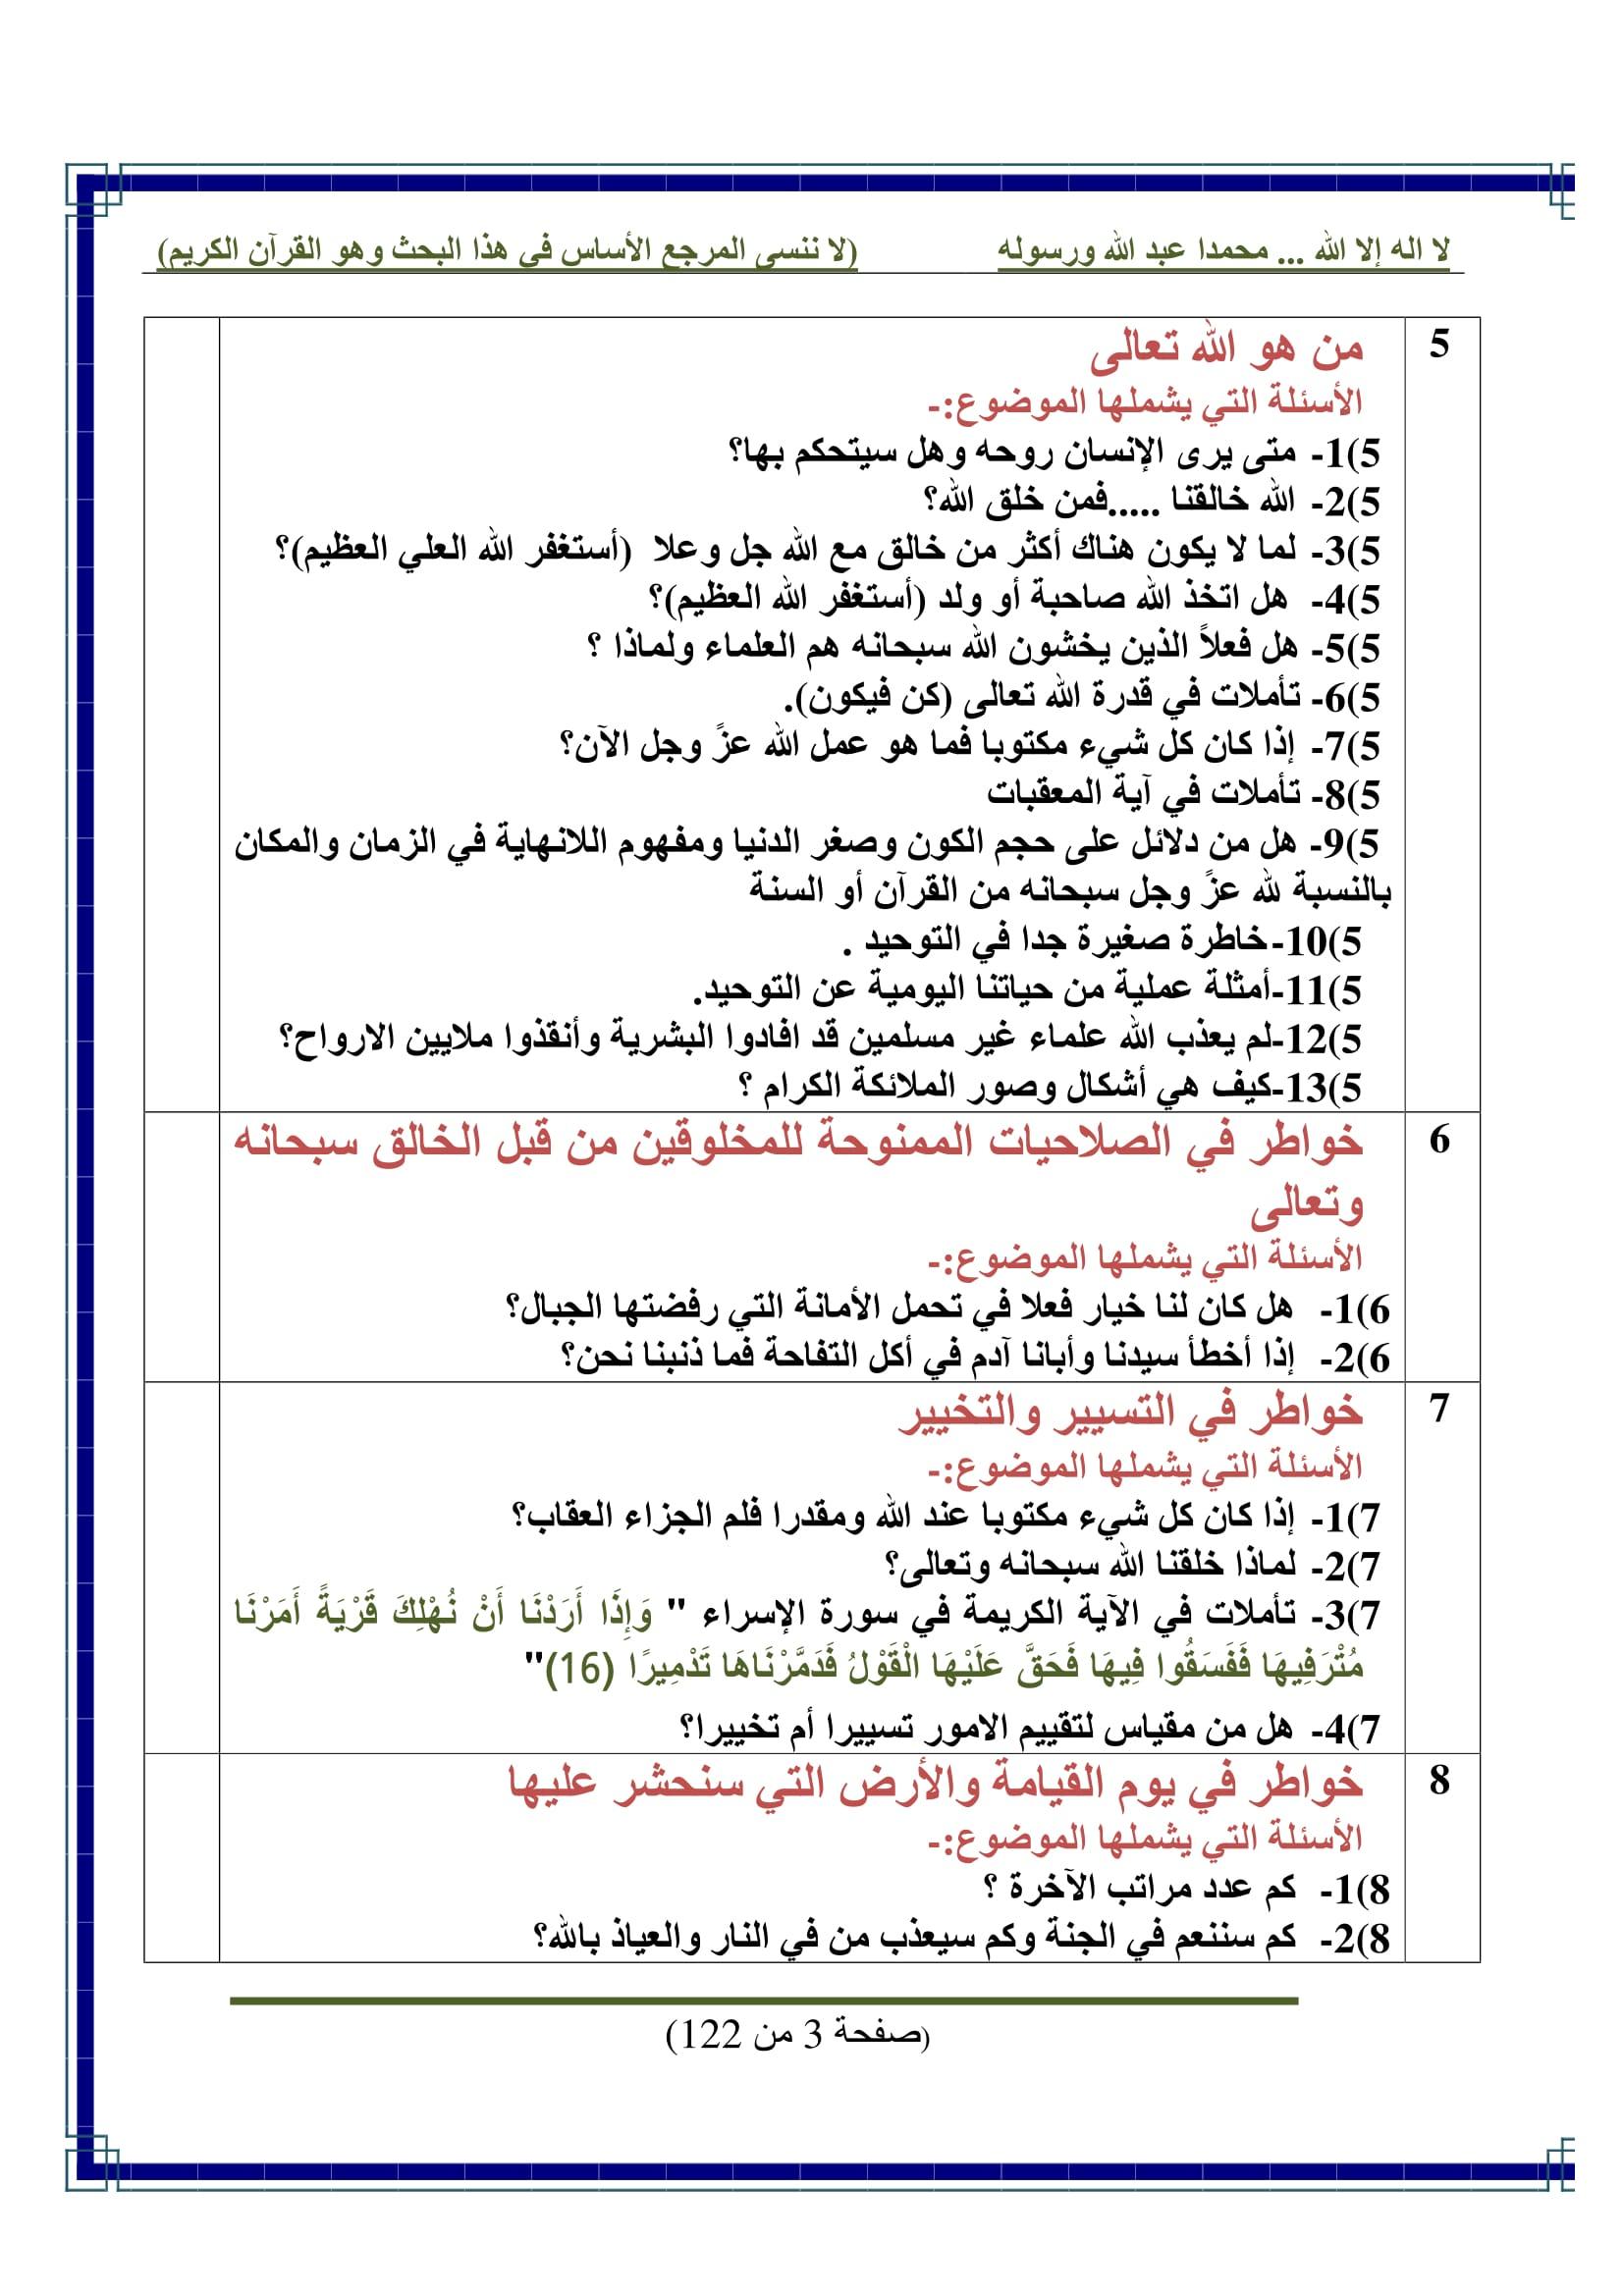 كتابي خواطر أسئلة وأجوبة الإسلام